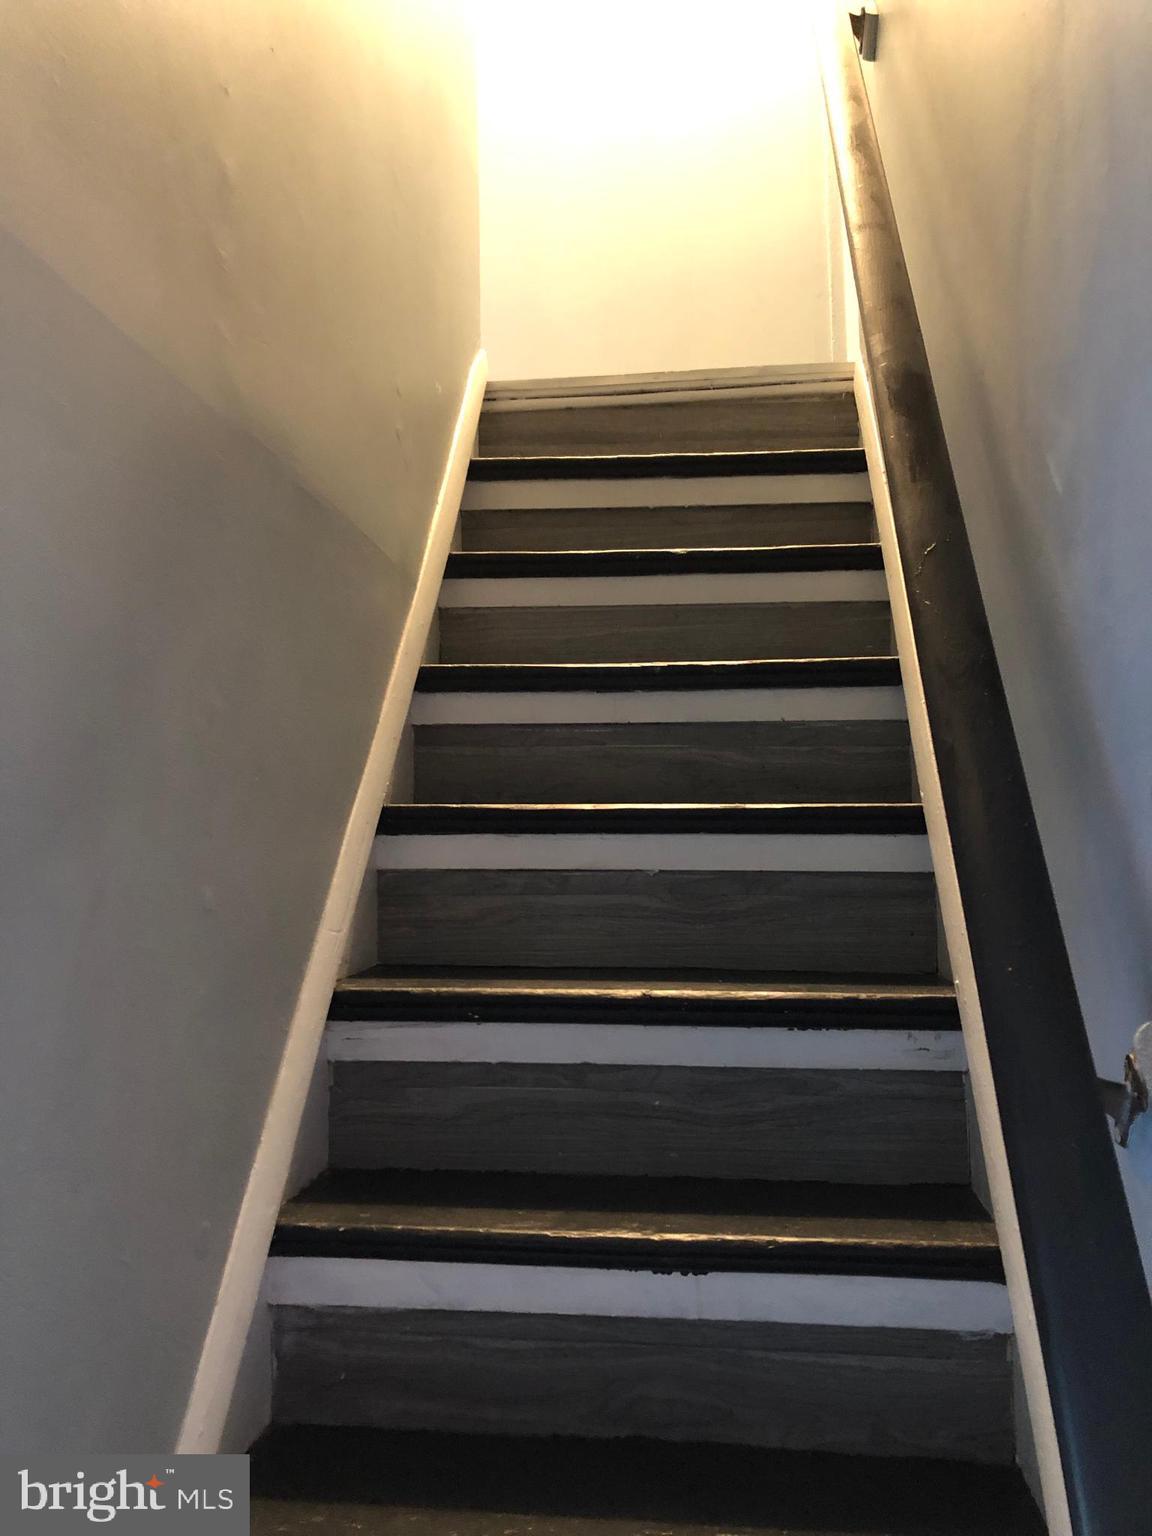 Too 2nd floor